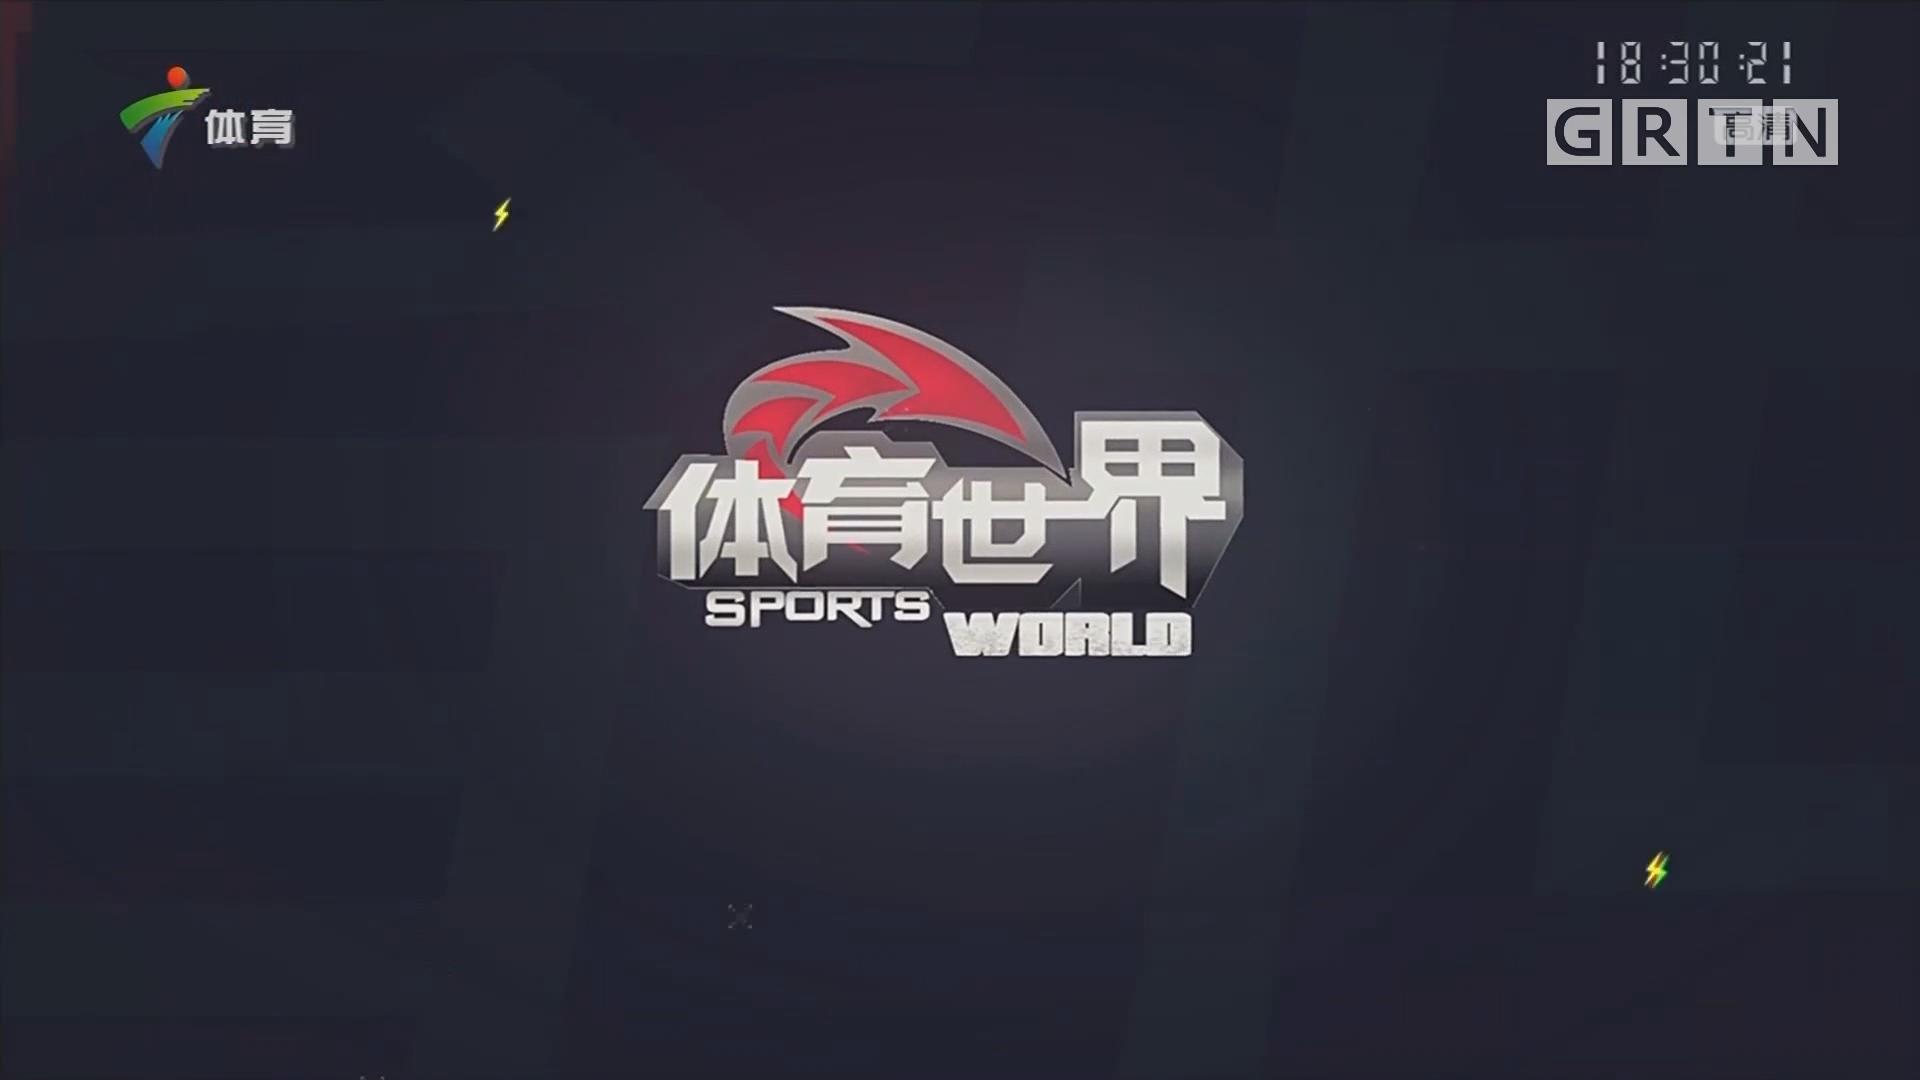 [HD][2019-07-10]体育世界:大运会 于子洋/王艺迪获乒球混双金牌